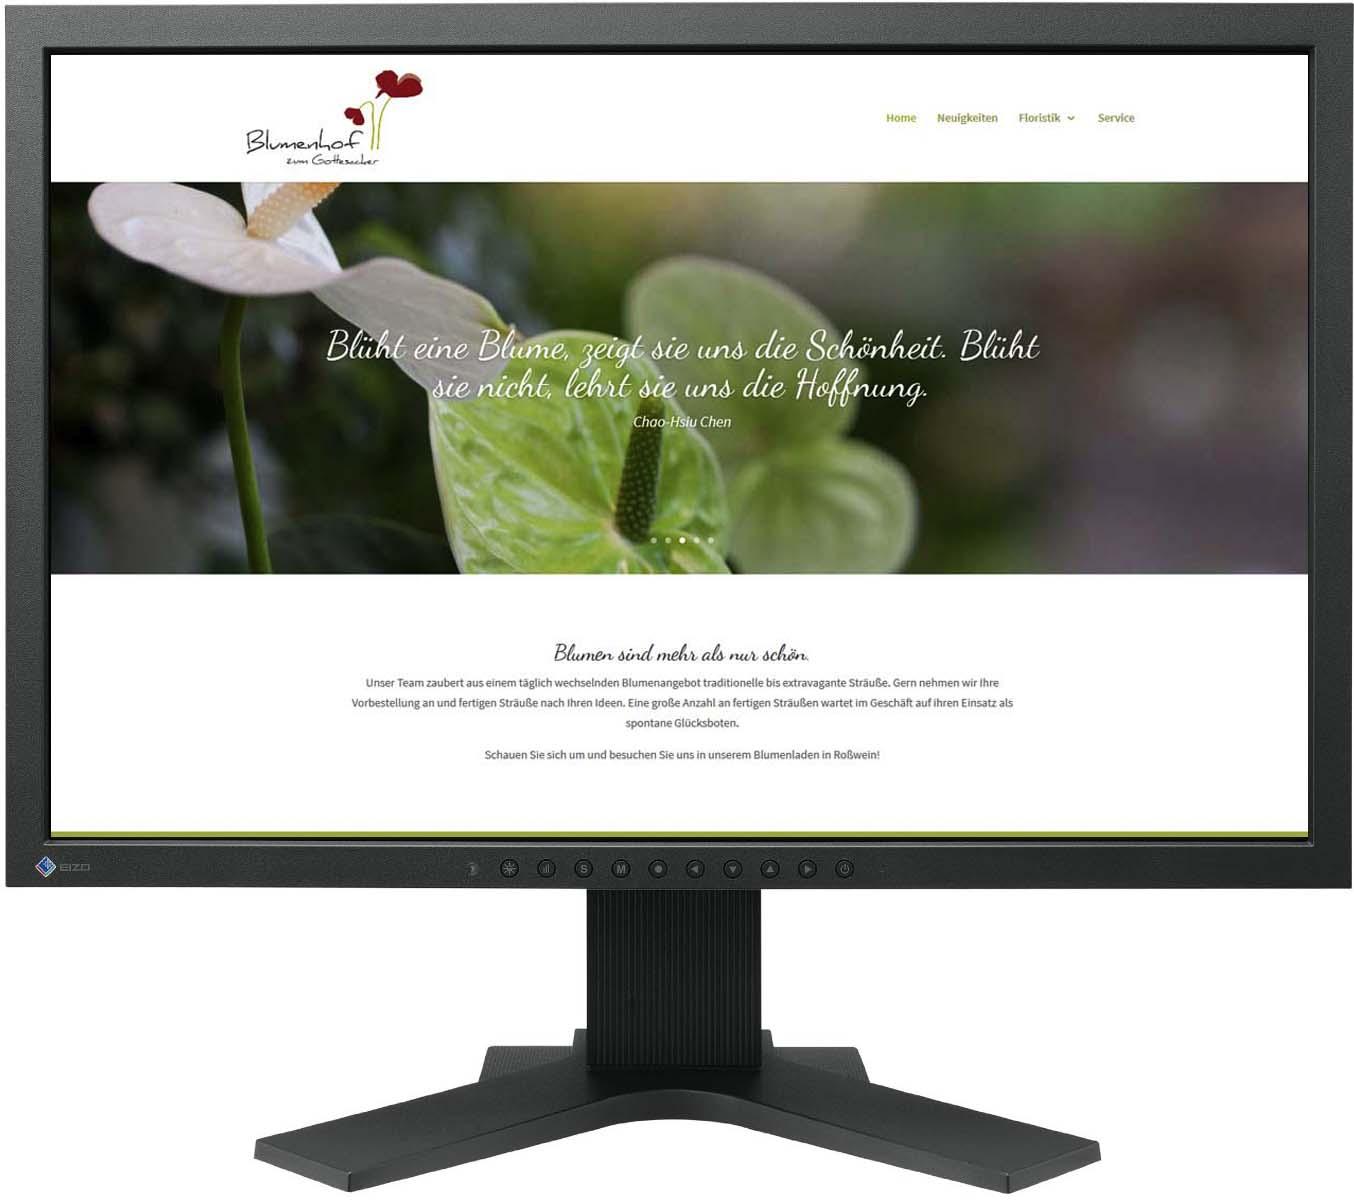 Gestaltung Website / Homepage für Blumenhof zum Gottesacker, Anett Otto Roßwein